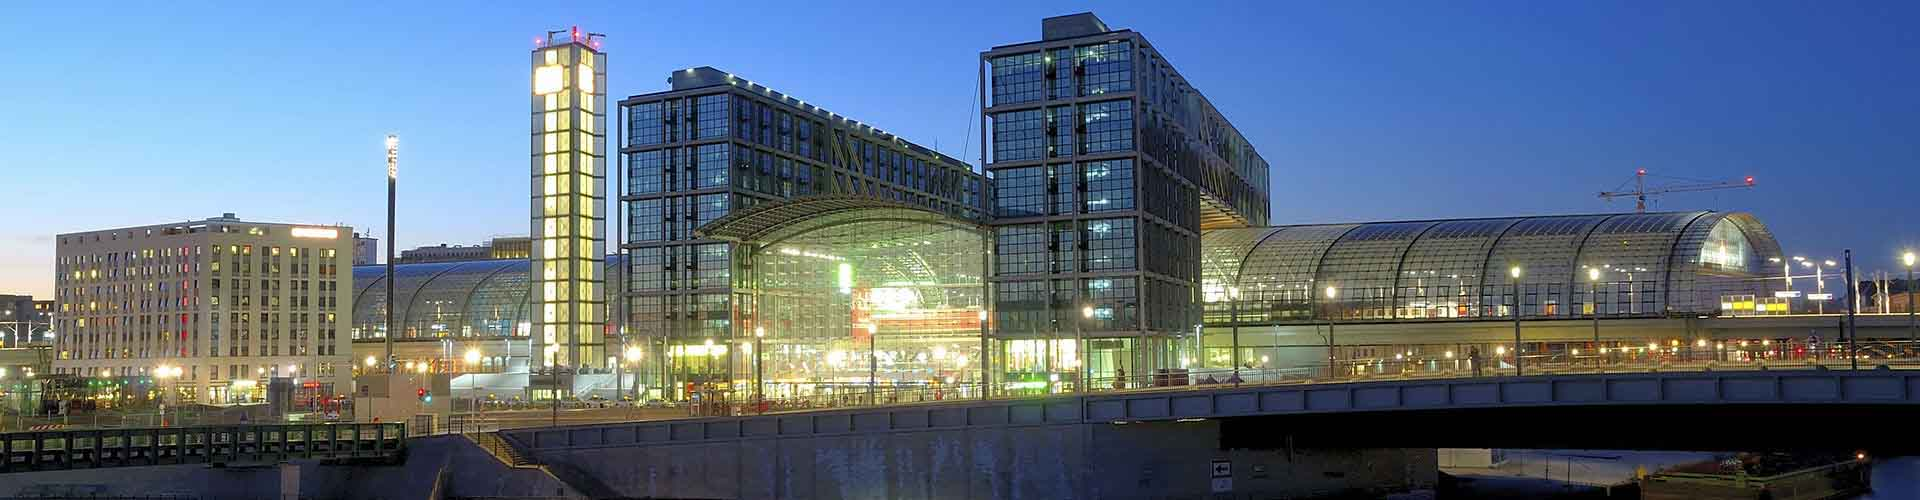 베를린 - 베를린 하프반호프역에 가까운 호스텔. 베를린의 지도, 베를린에 위치한 호스텔에 대한 사진 및 리뷰.